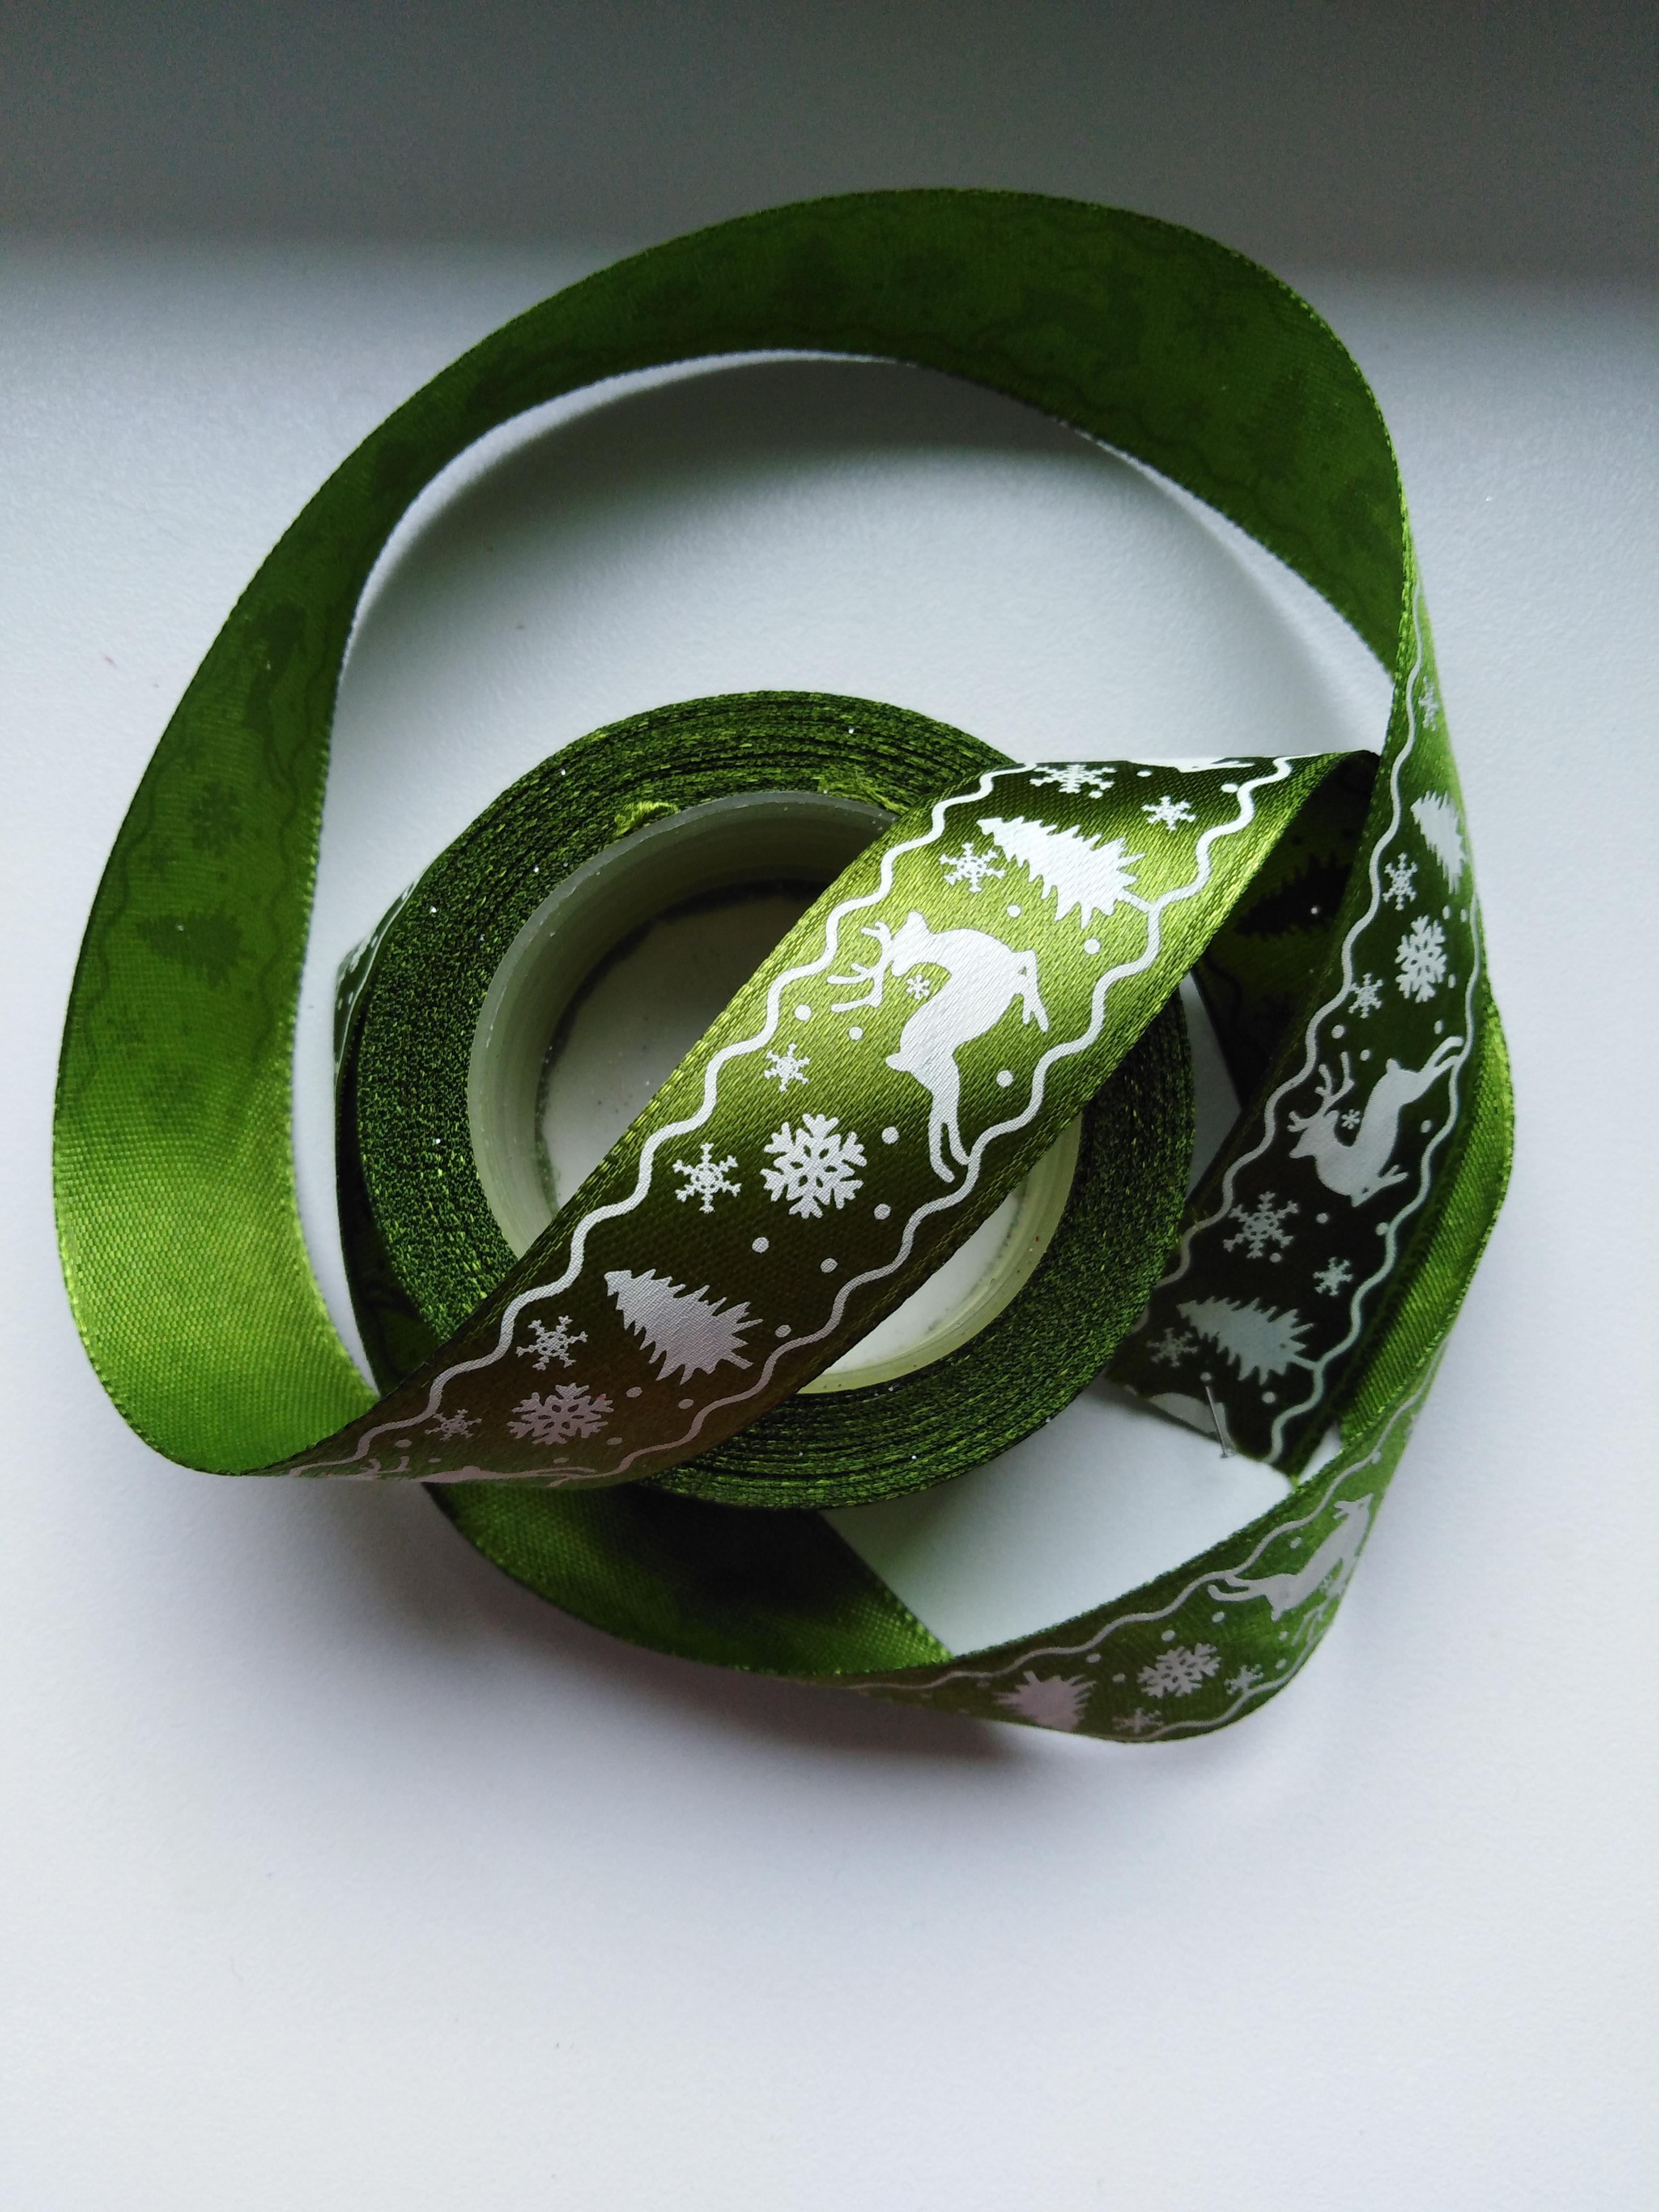 Saténová stuha tisk sobi 25 mm zelená doprodej